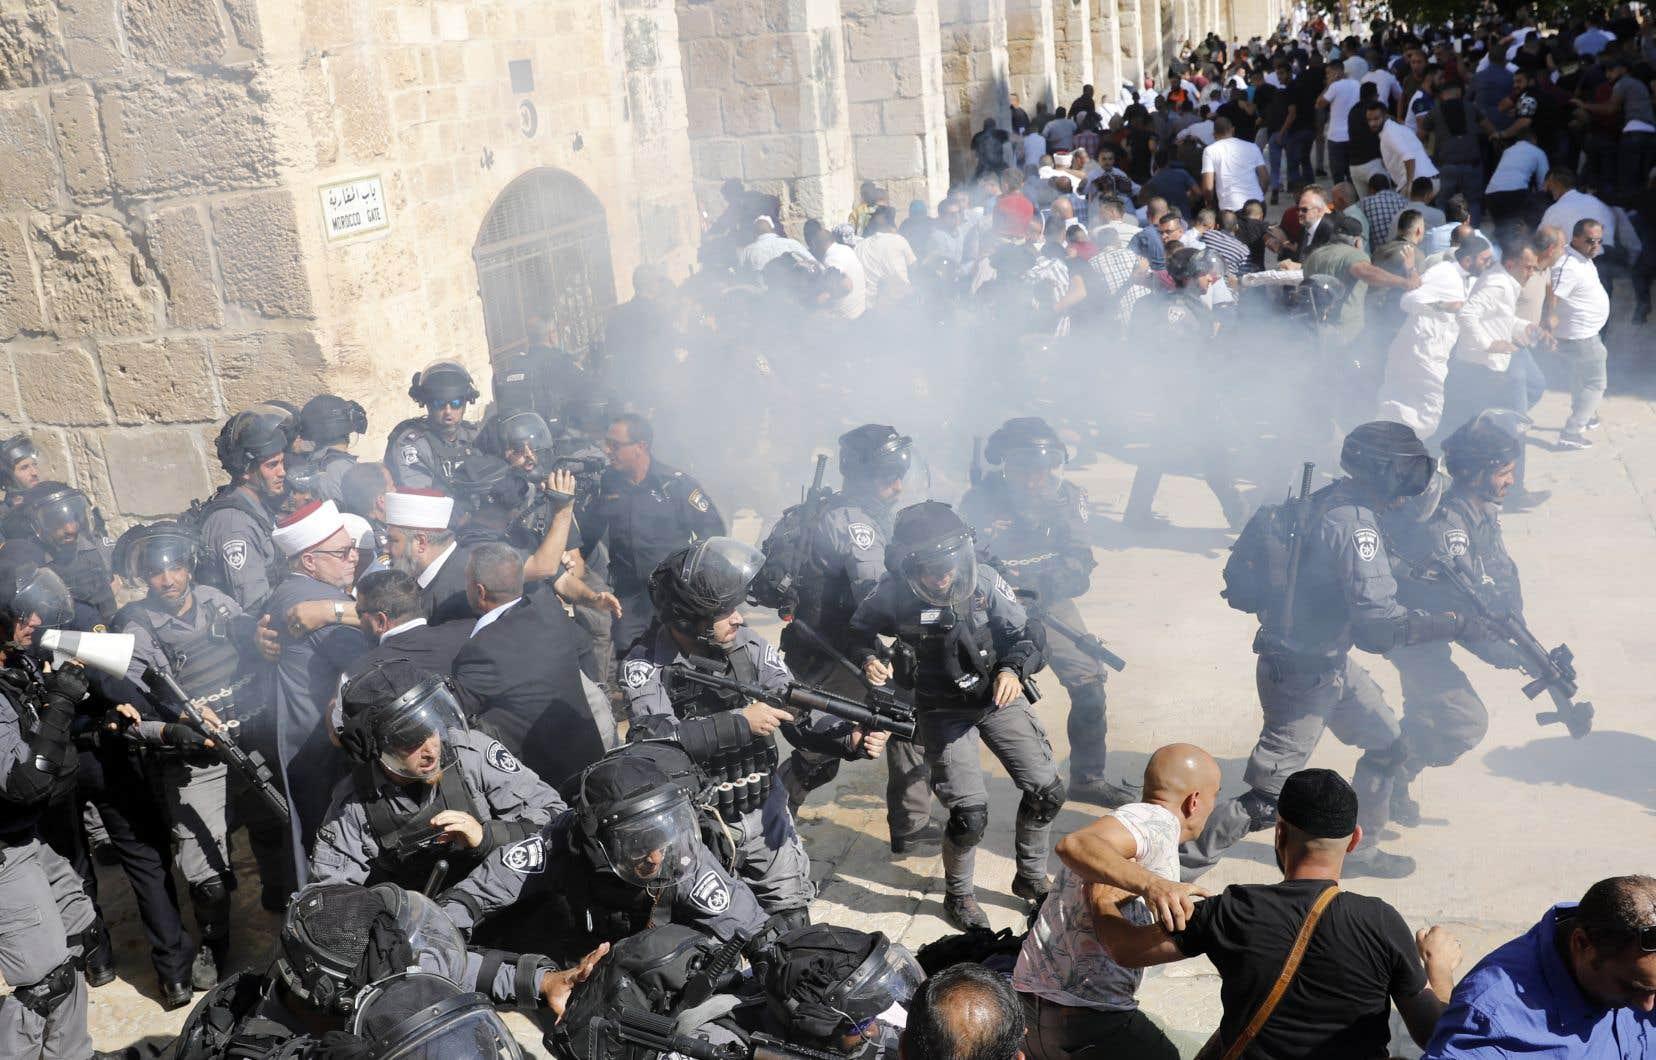 Des accrochages ont éclaté et les forces de l'ordre, qui contrôlent l'accès de l'esplanade, ont utilisé des grenades assourdissantes pour tenter de disperser des manifestants, qui ont tiré des projectiles, selon un journaliste de l'AFP sur place.